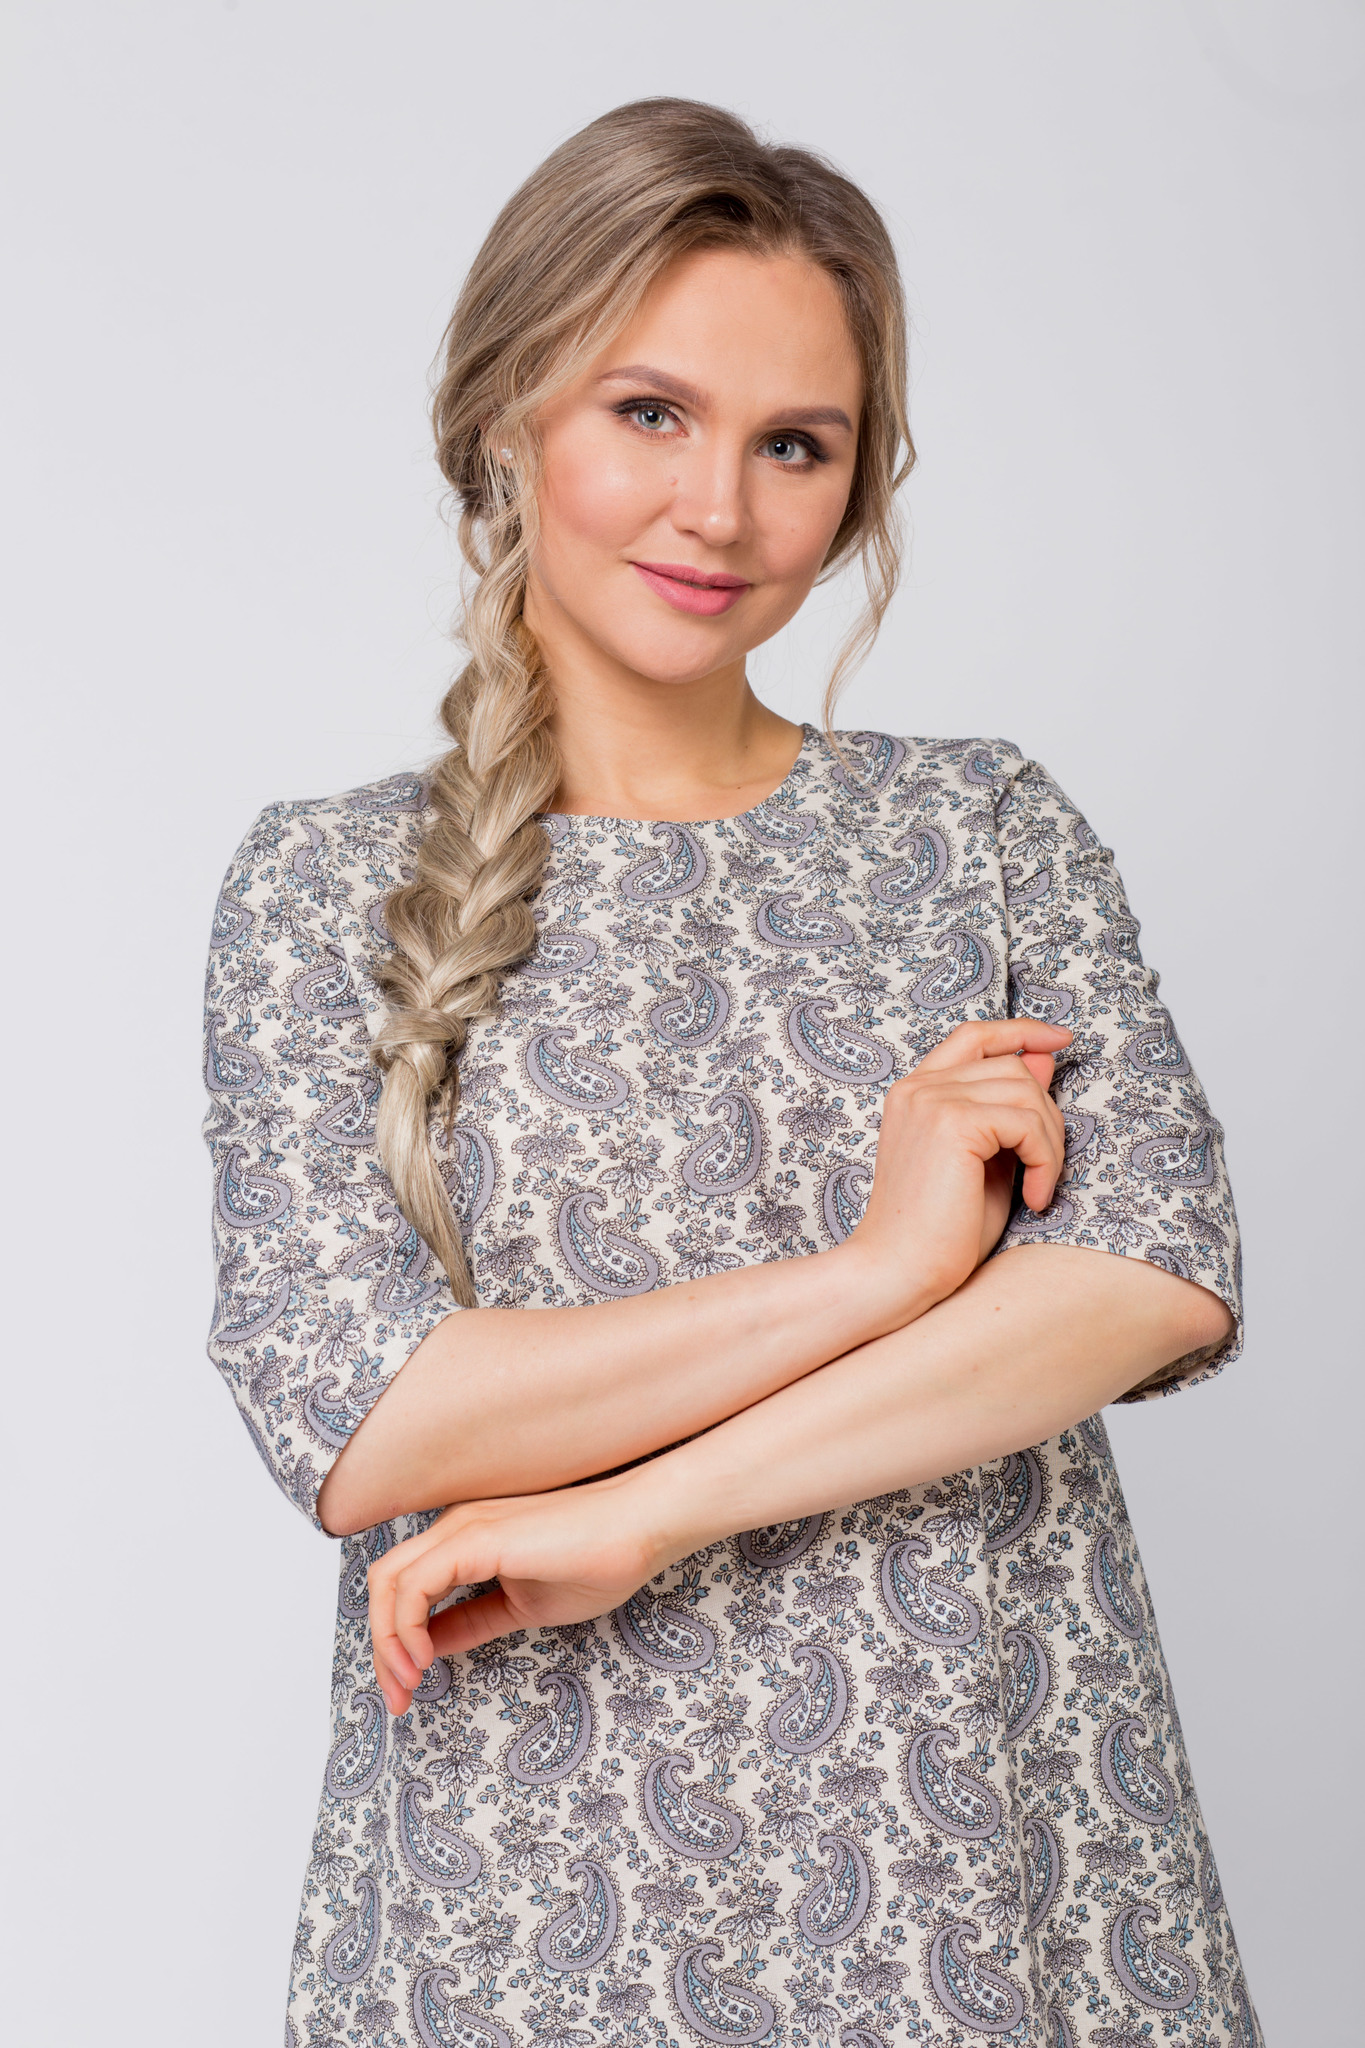 Платье льняное Огурцы приближенный фрагмент